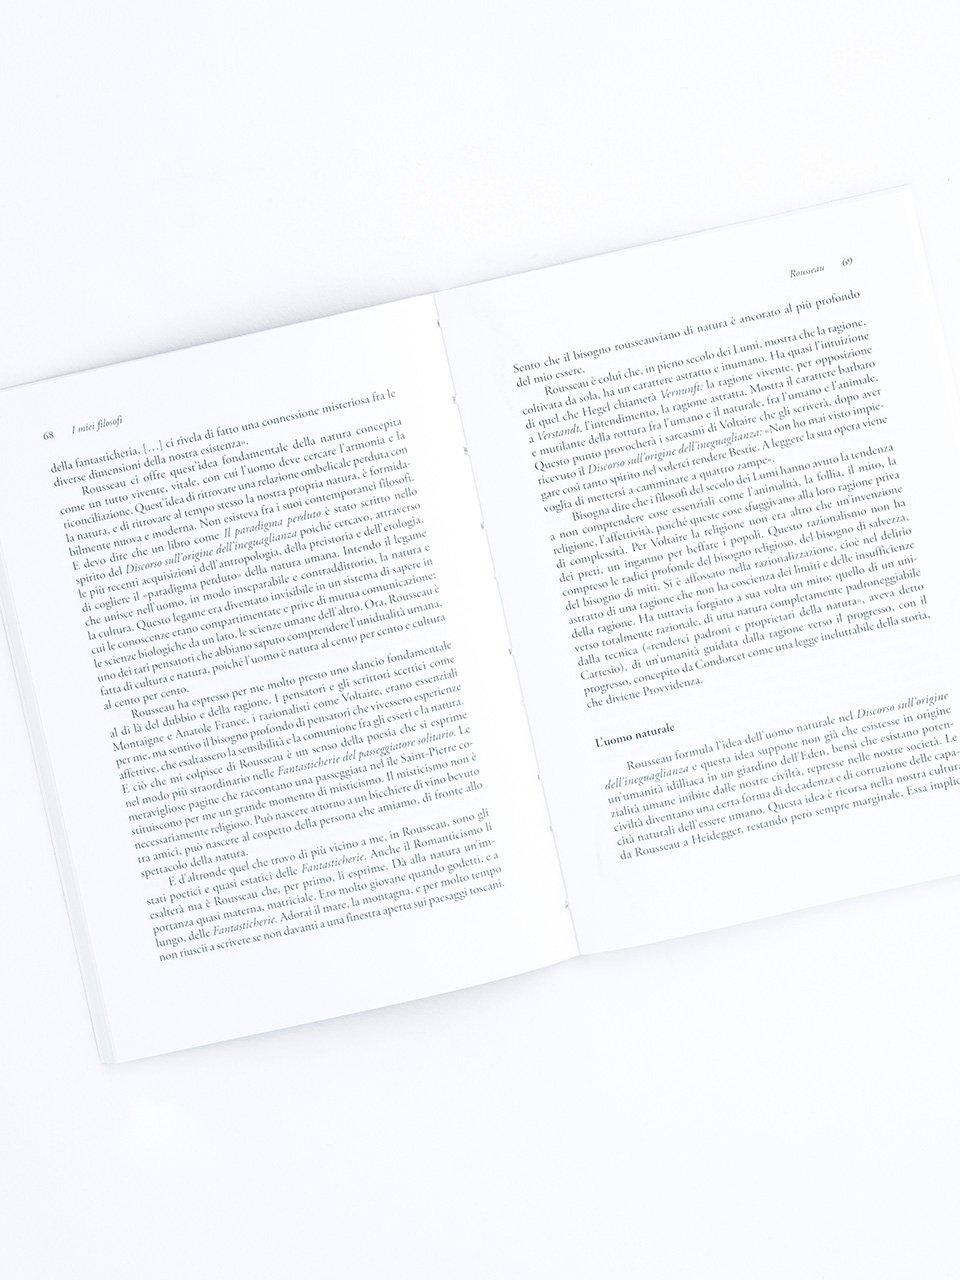 I miei filosofi - Libri - Erickson 2